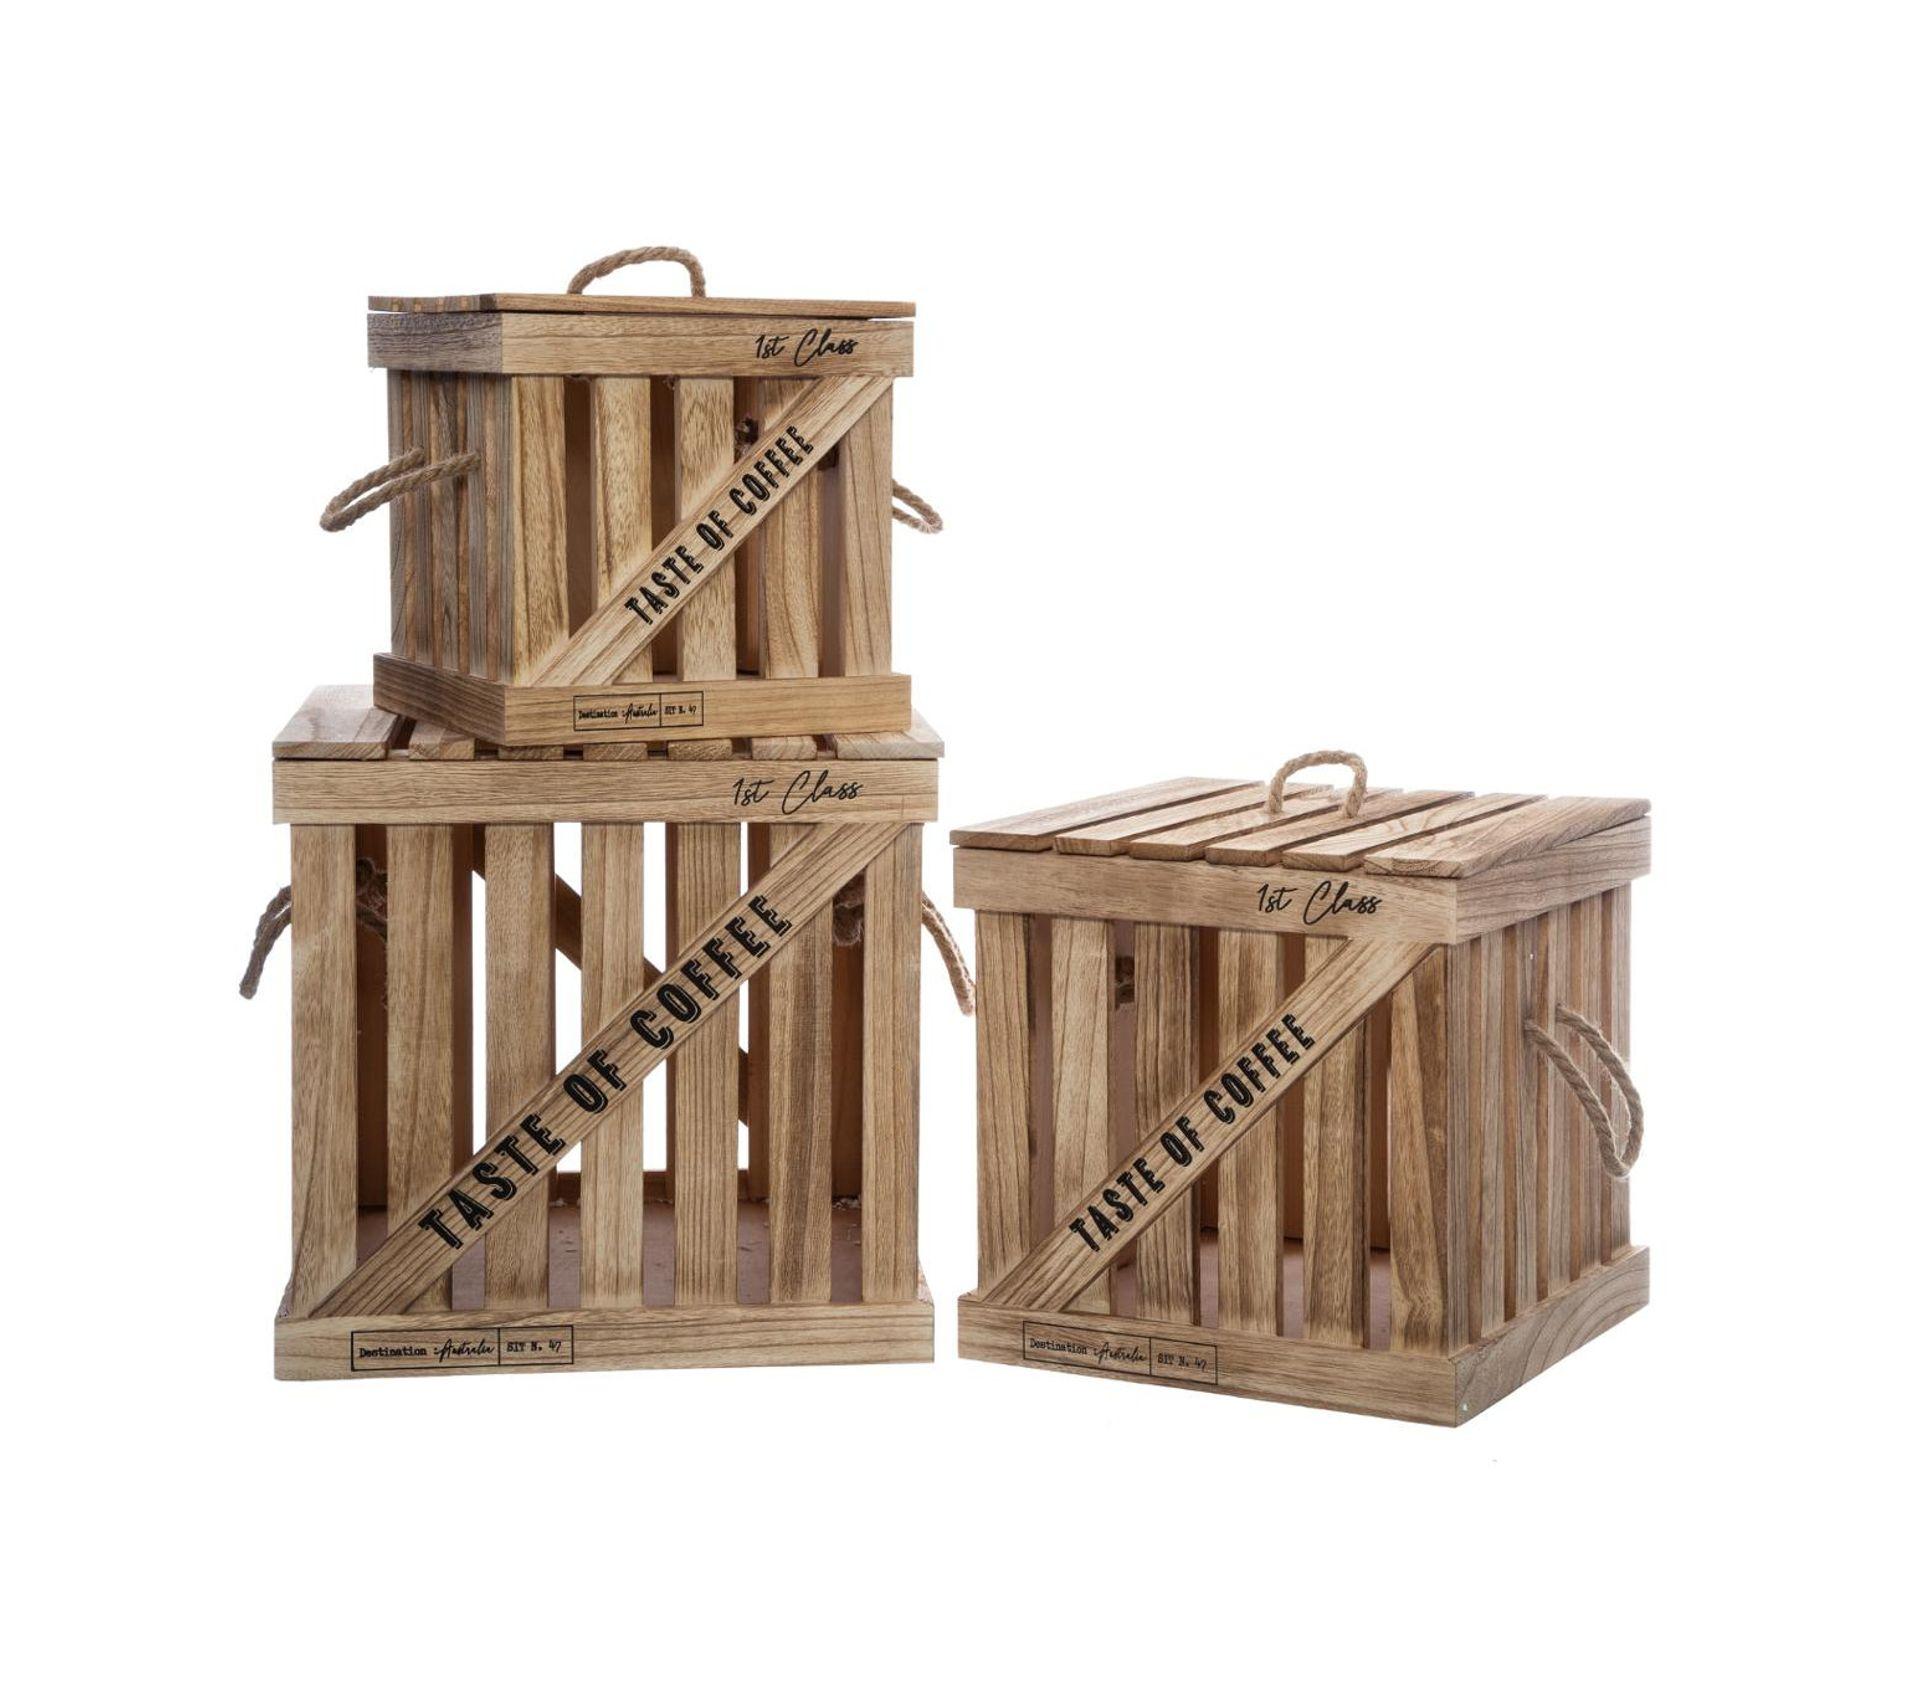 Rangement Pour Le Bois lot de 3 boites de rangement cagettes en bois colonial